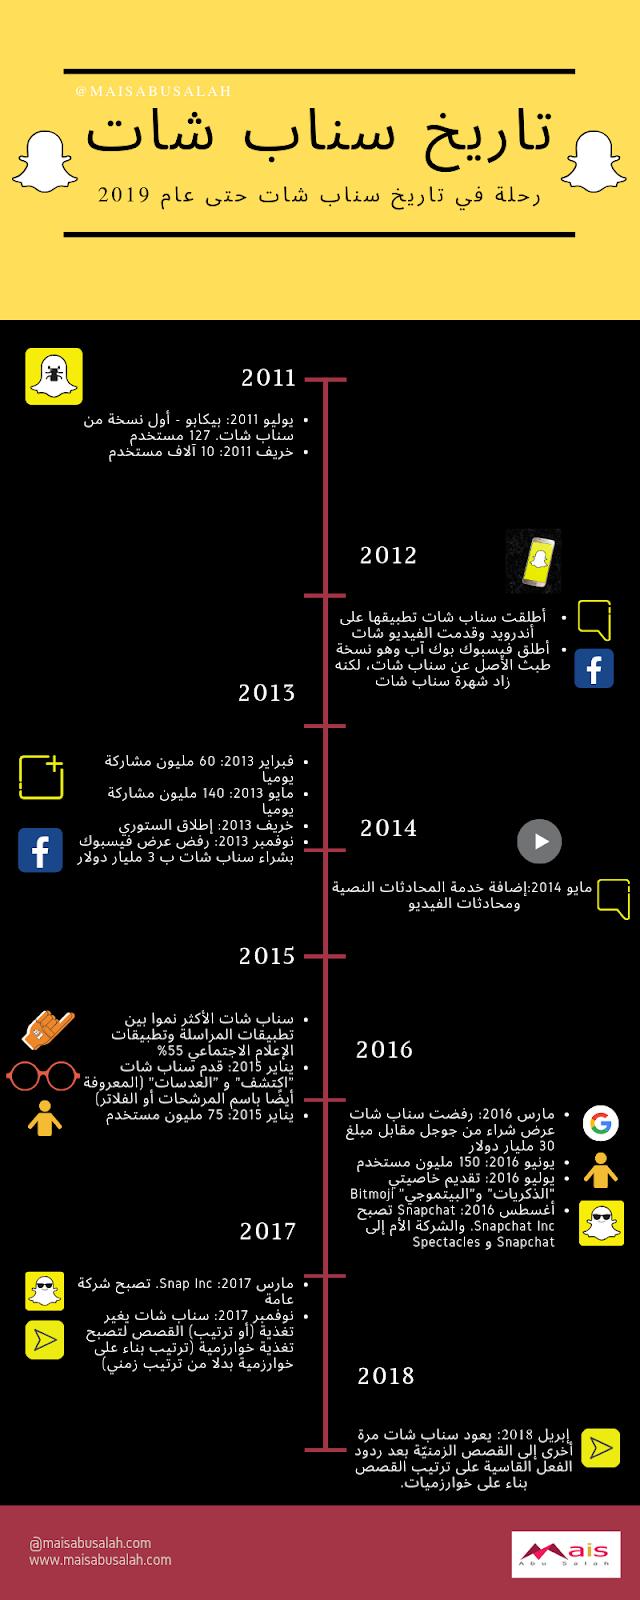 - 2019 انفوجرافيك تاريخ سناب شات